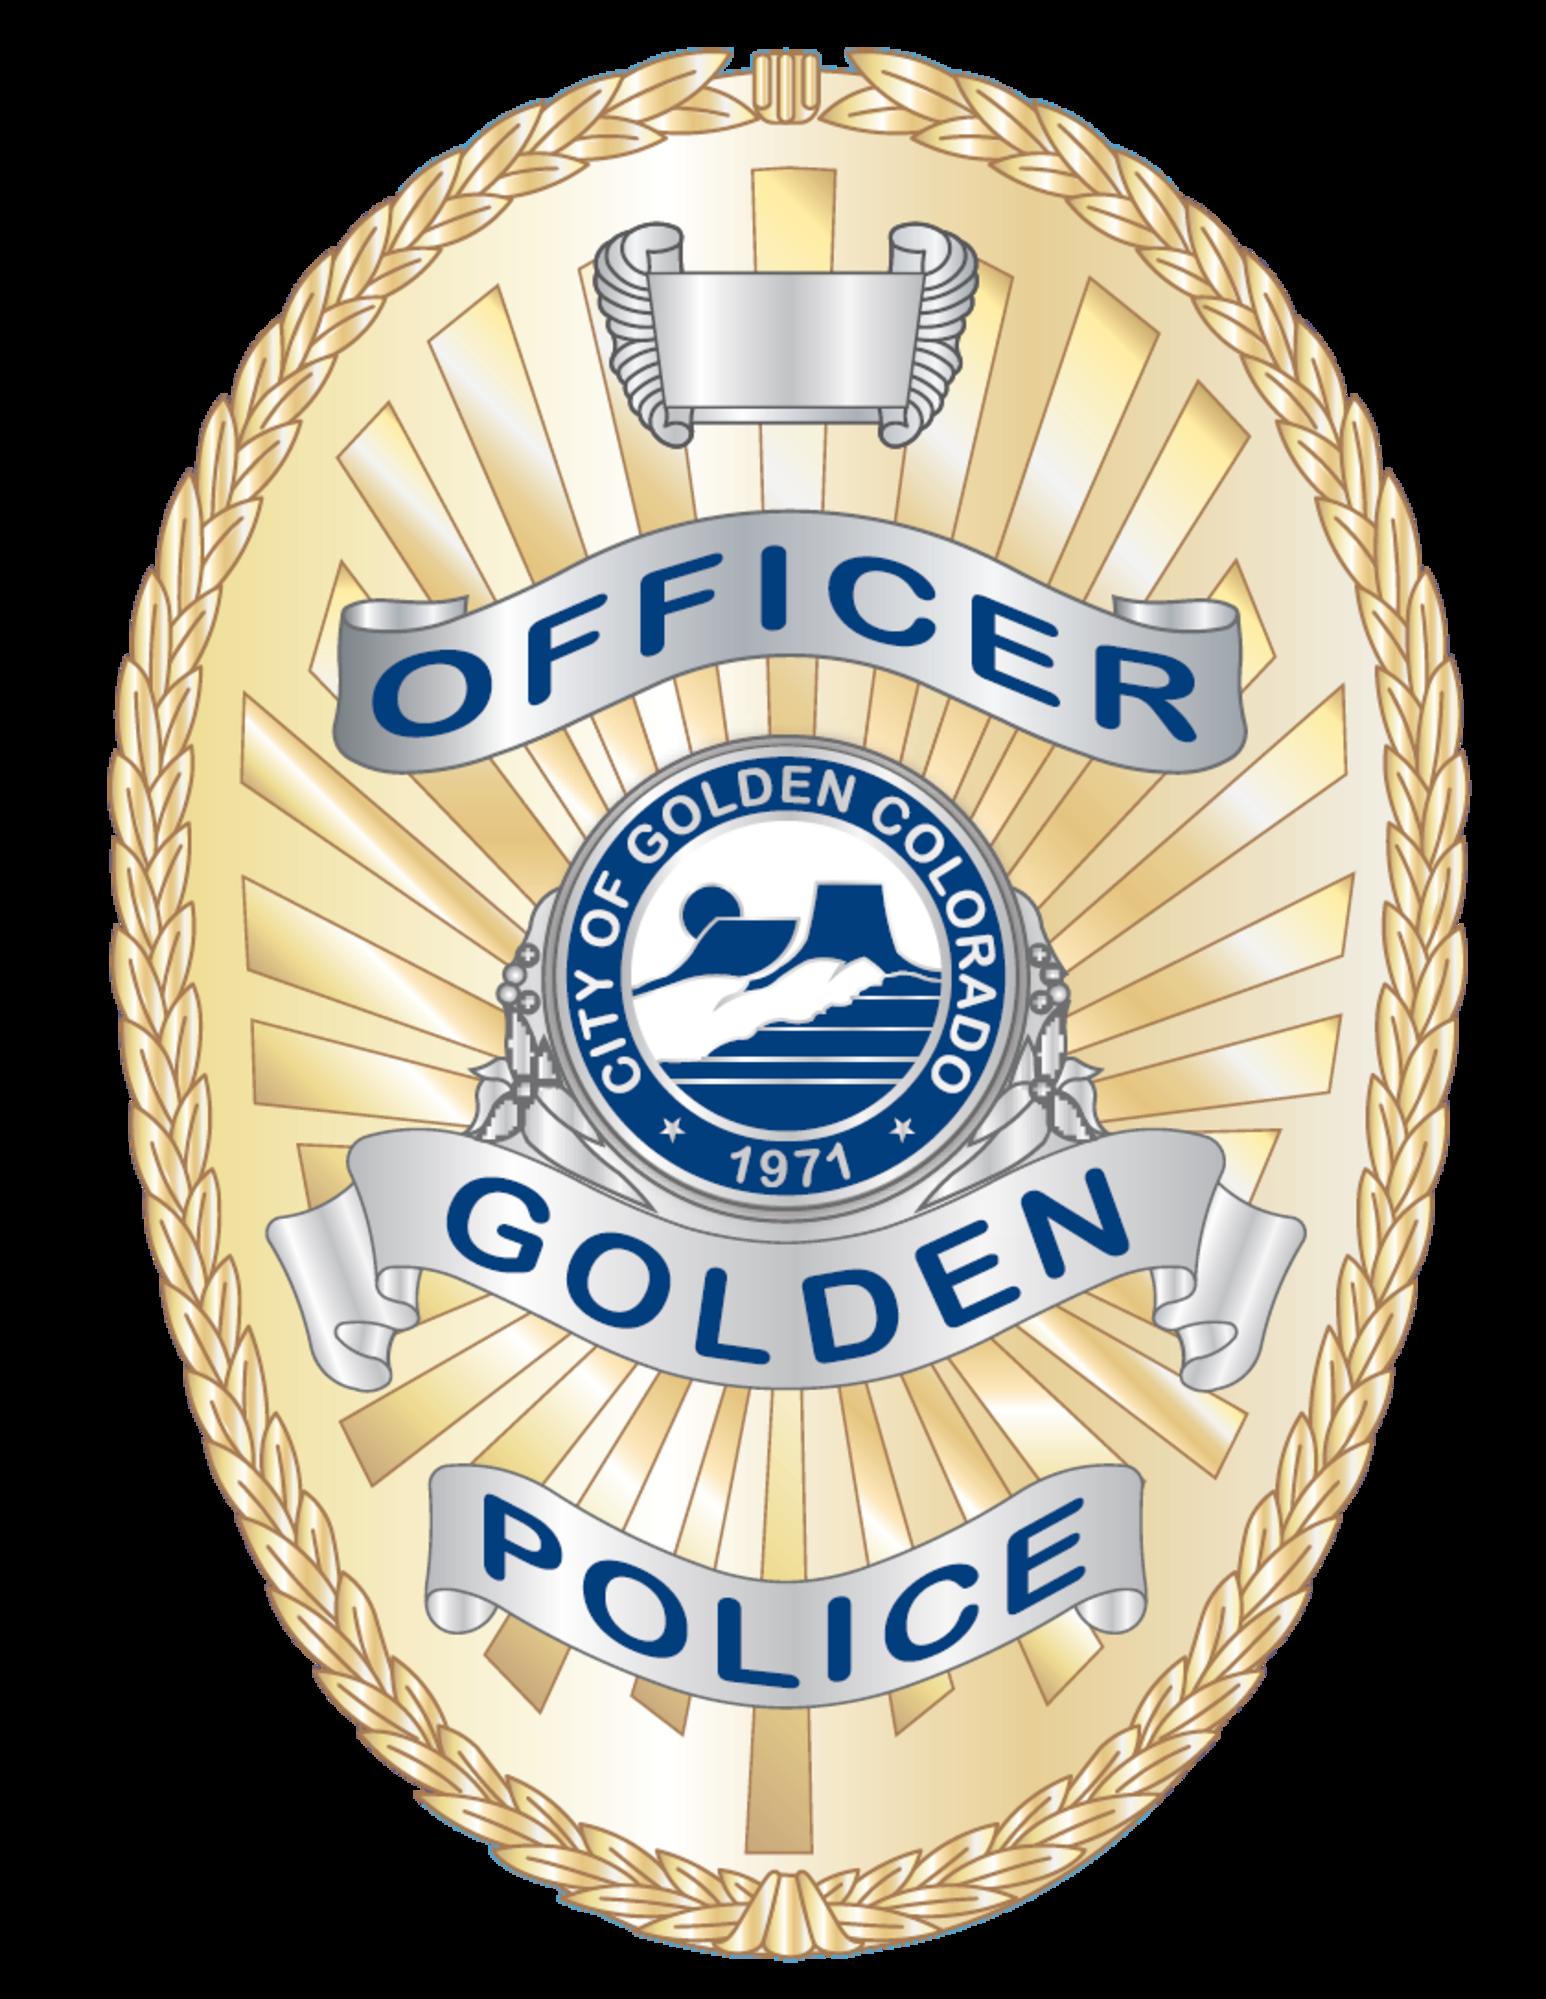 Golden Police Department